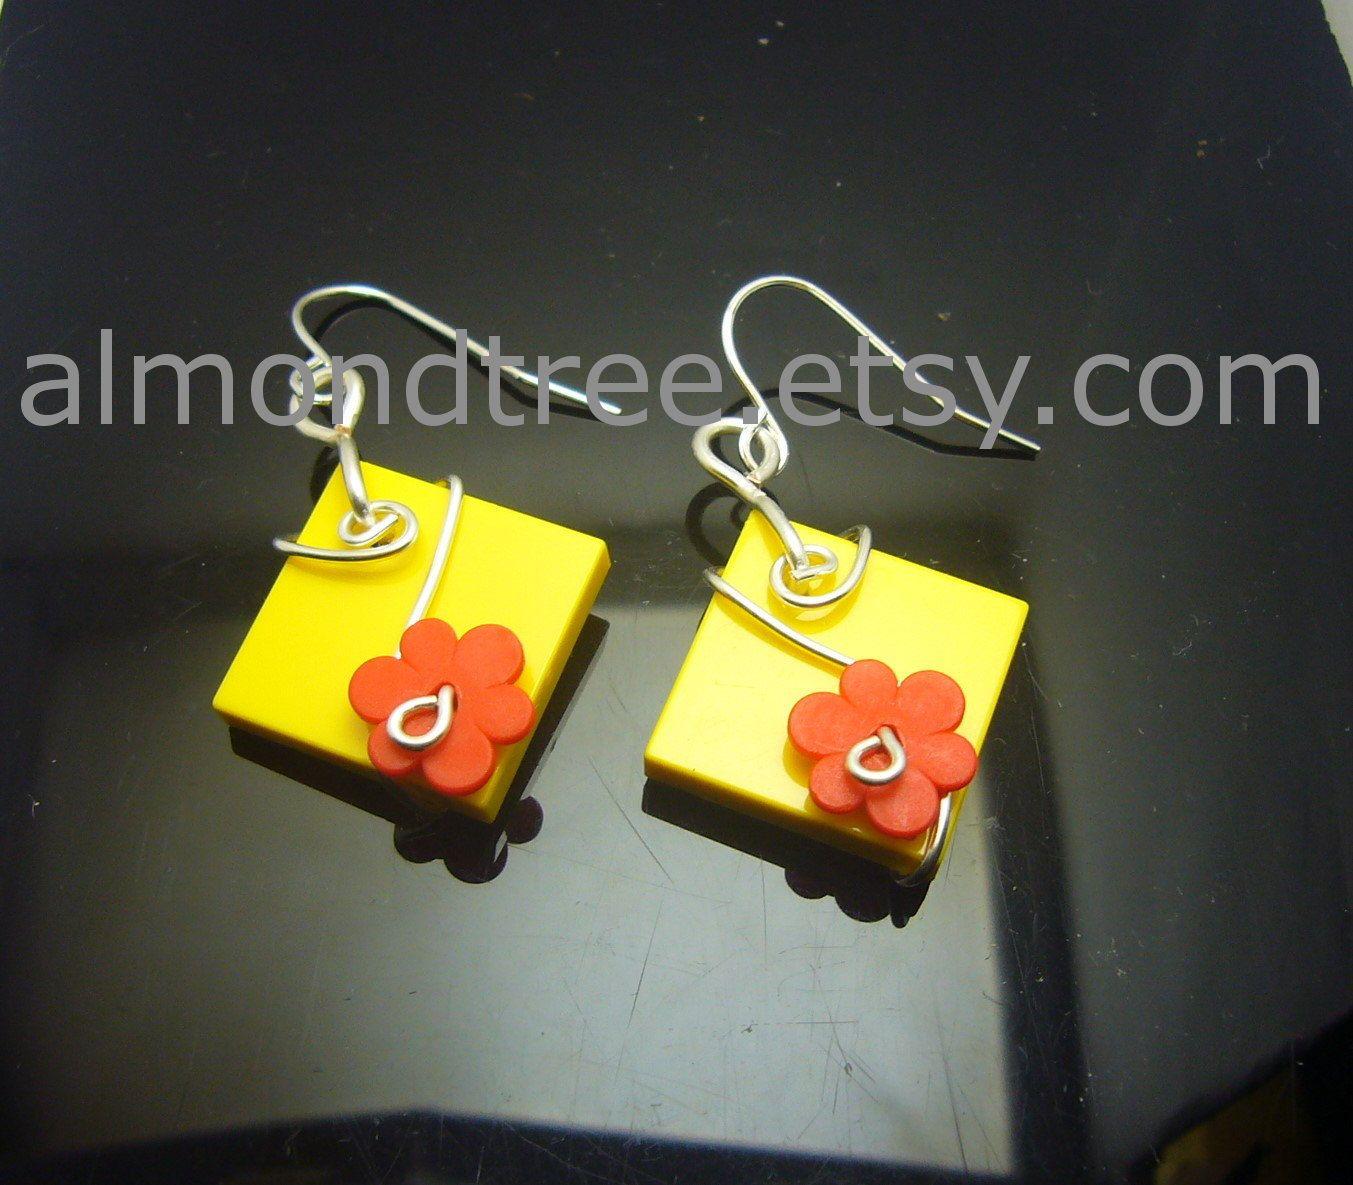 Sale   lego, id1340428   boucles d'oreilles   dangle earrings   fun   casual   jewelry   jewellery   schmuck   wire wrap   wire earring by AlmondTree on Etsy